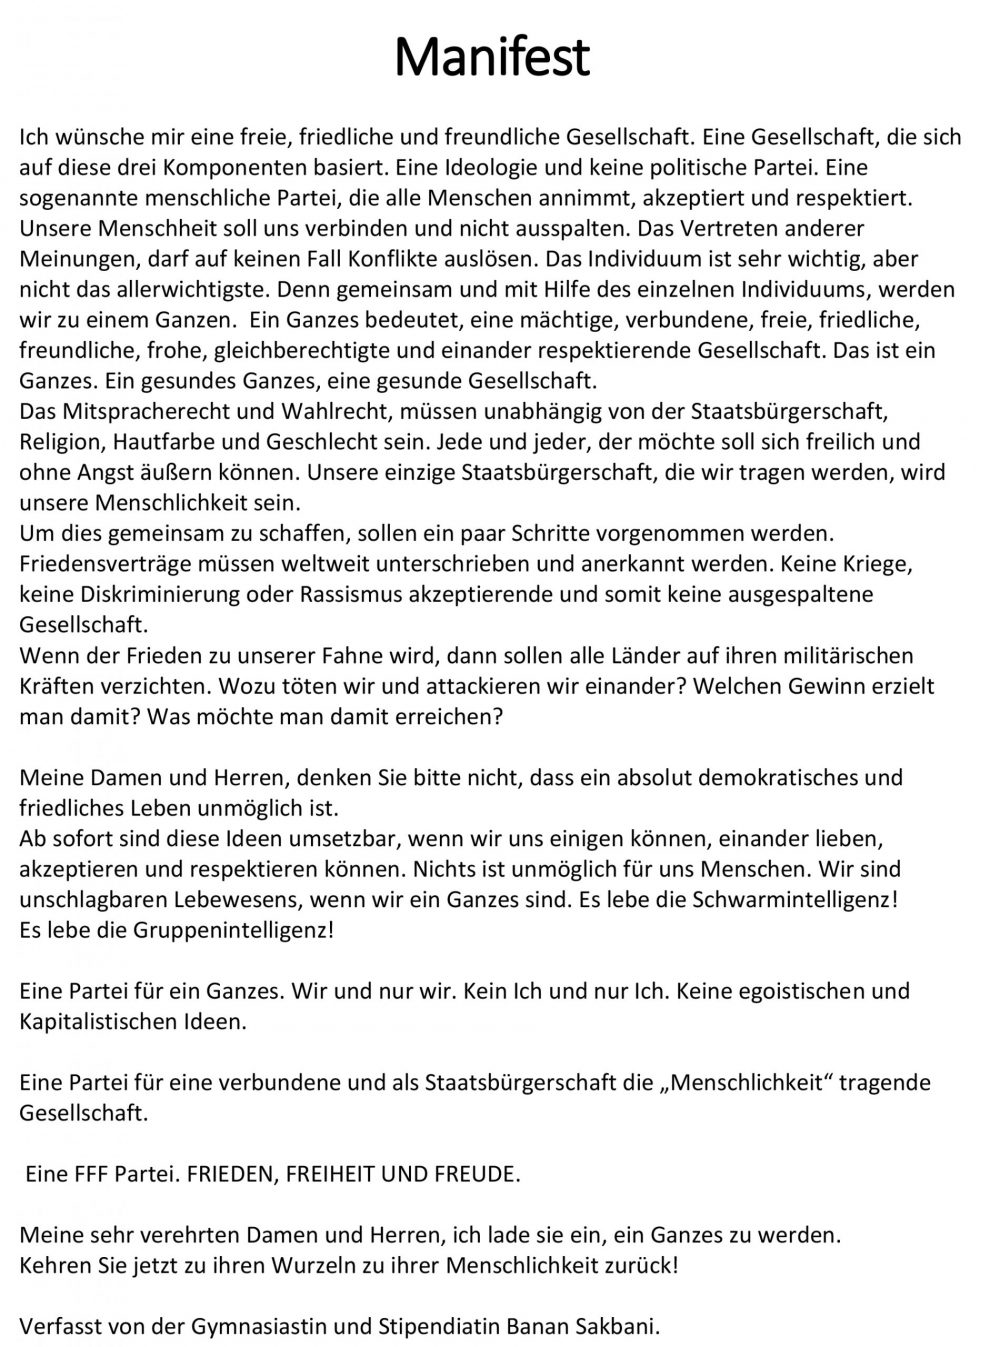 Manifest von Banan Sakbani